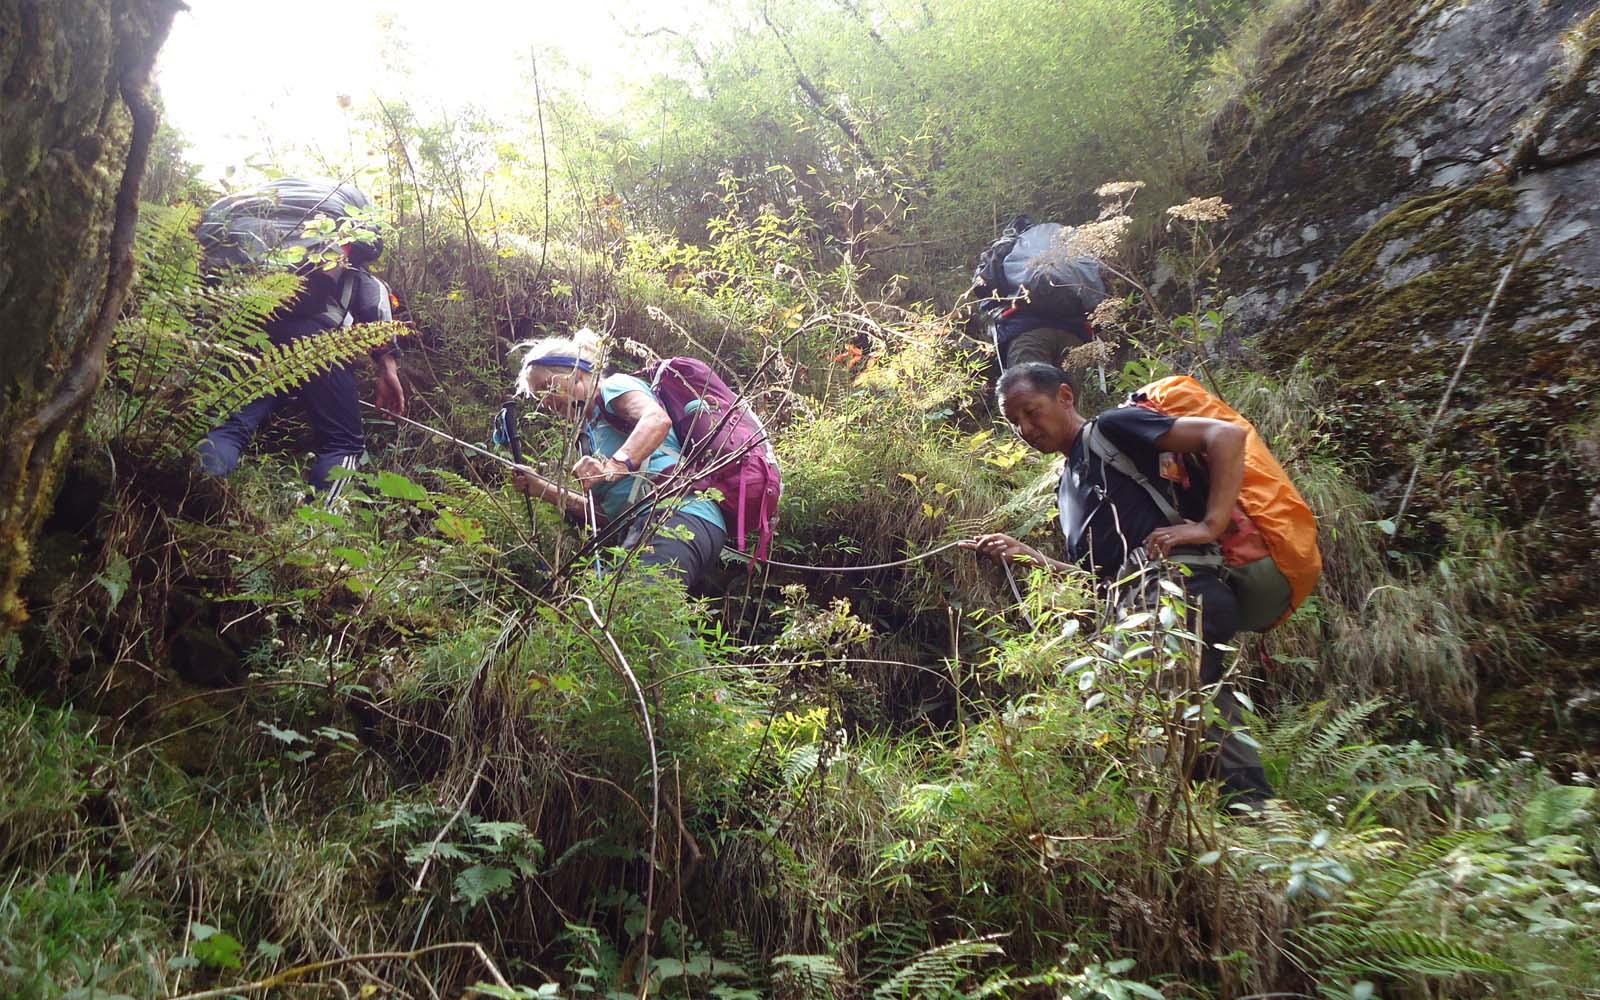 Jungle lors de la descente - Photo Michael Bois